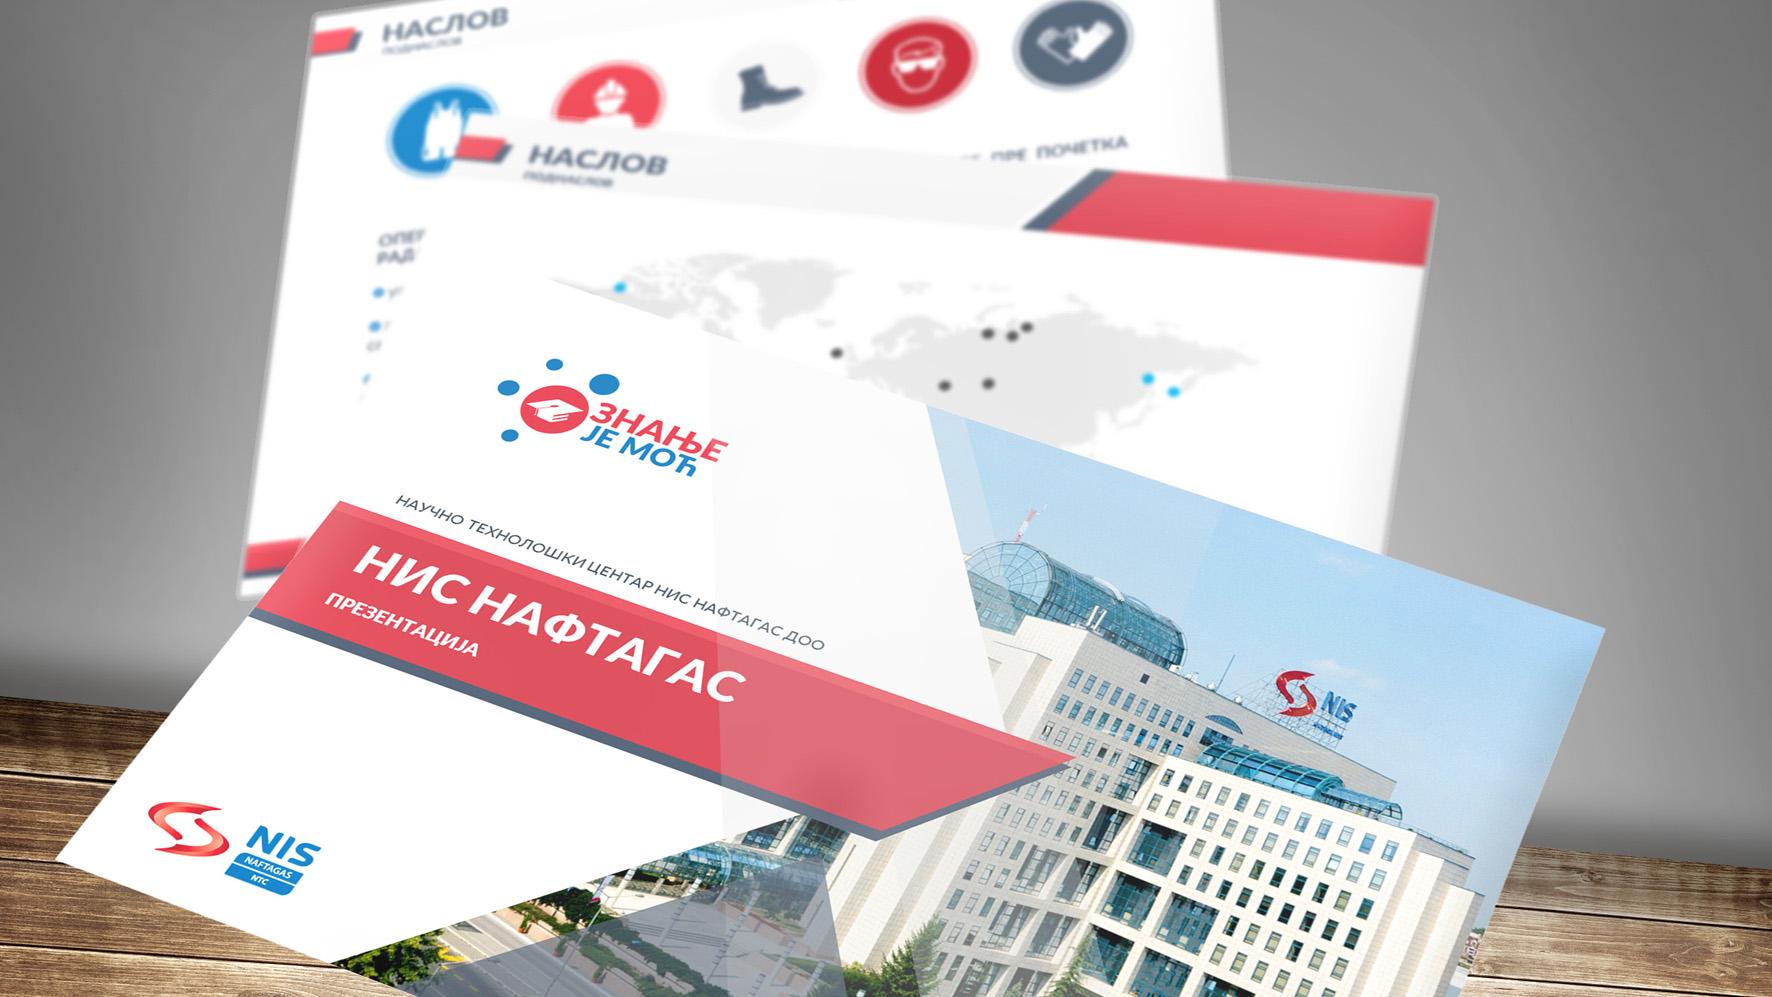 NTC NIS Naftagas prezentacije